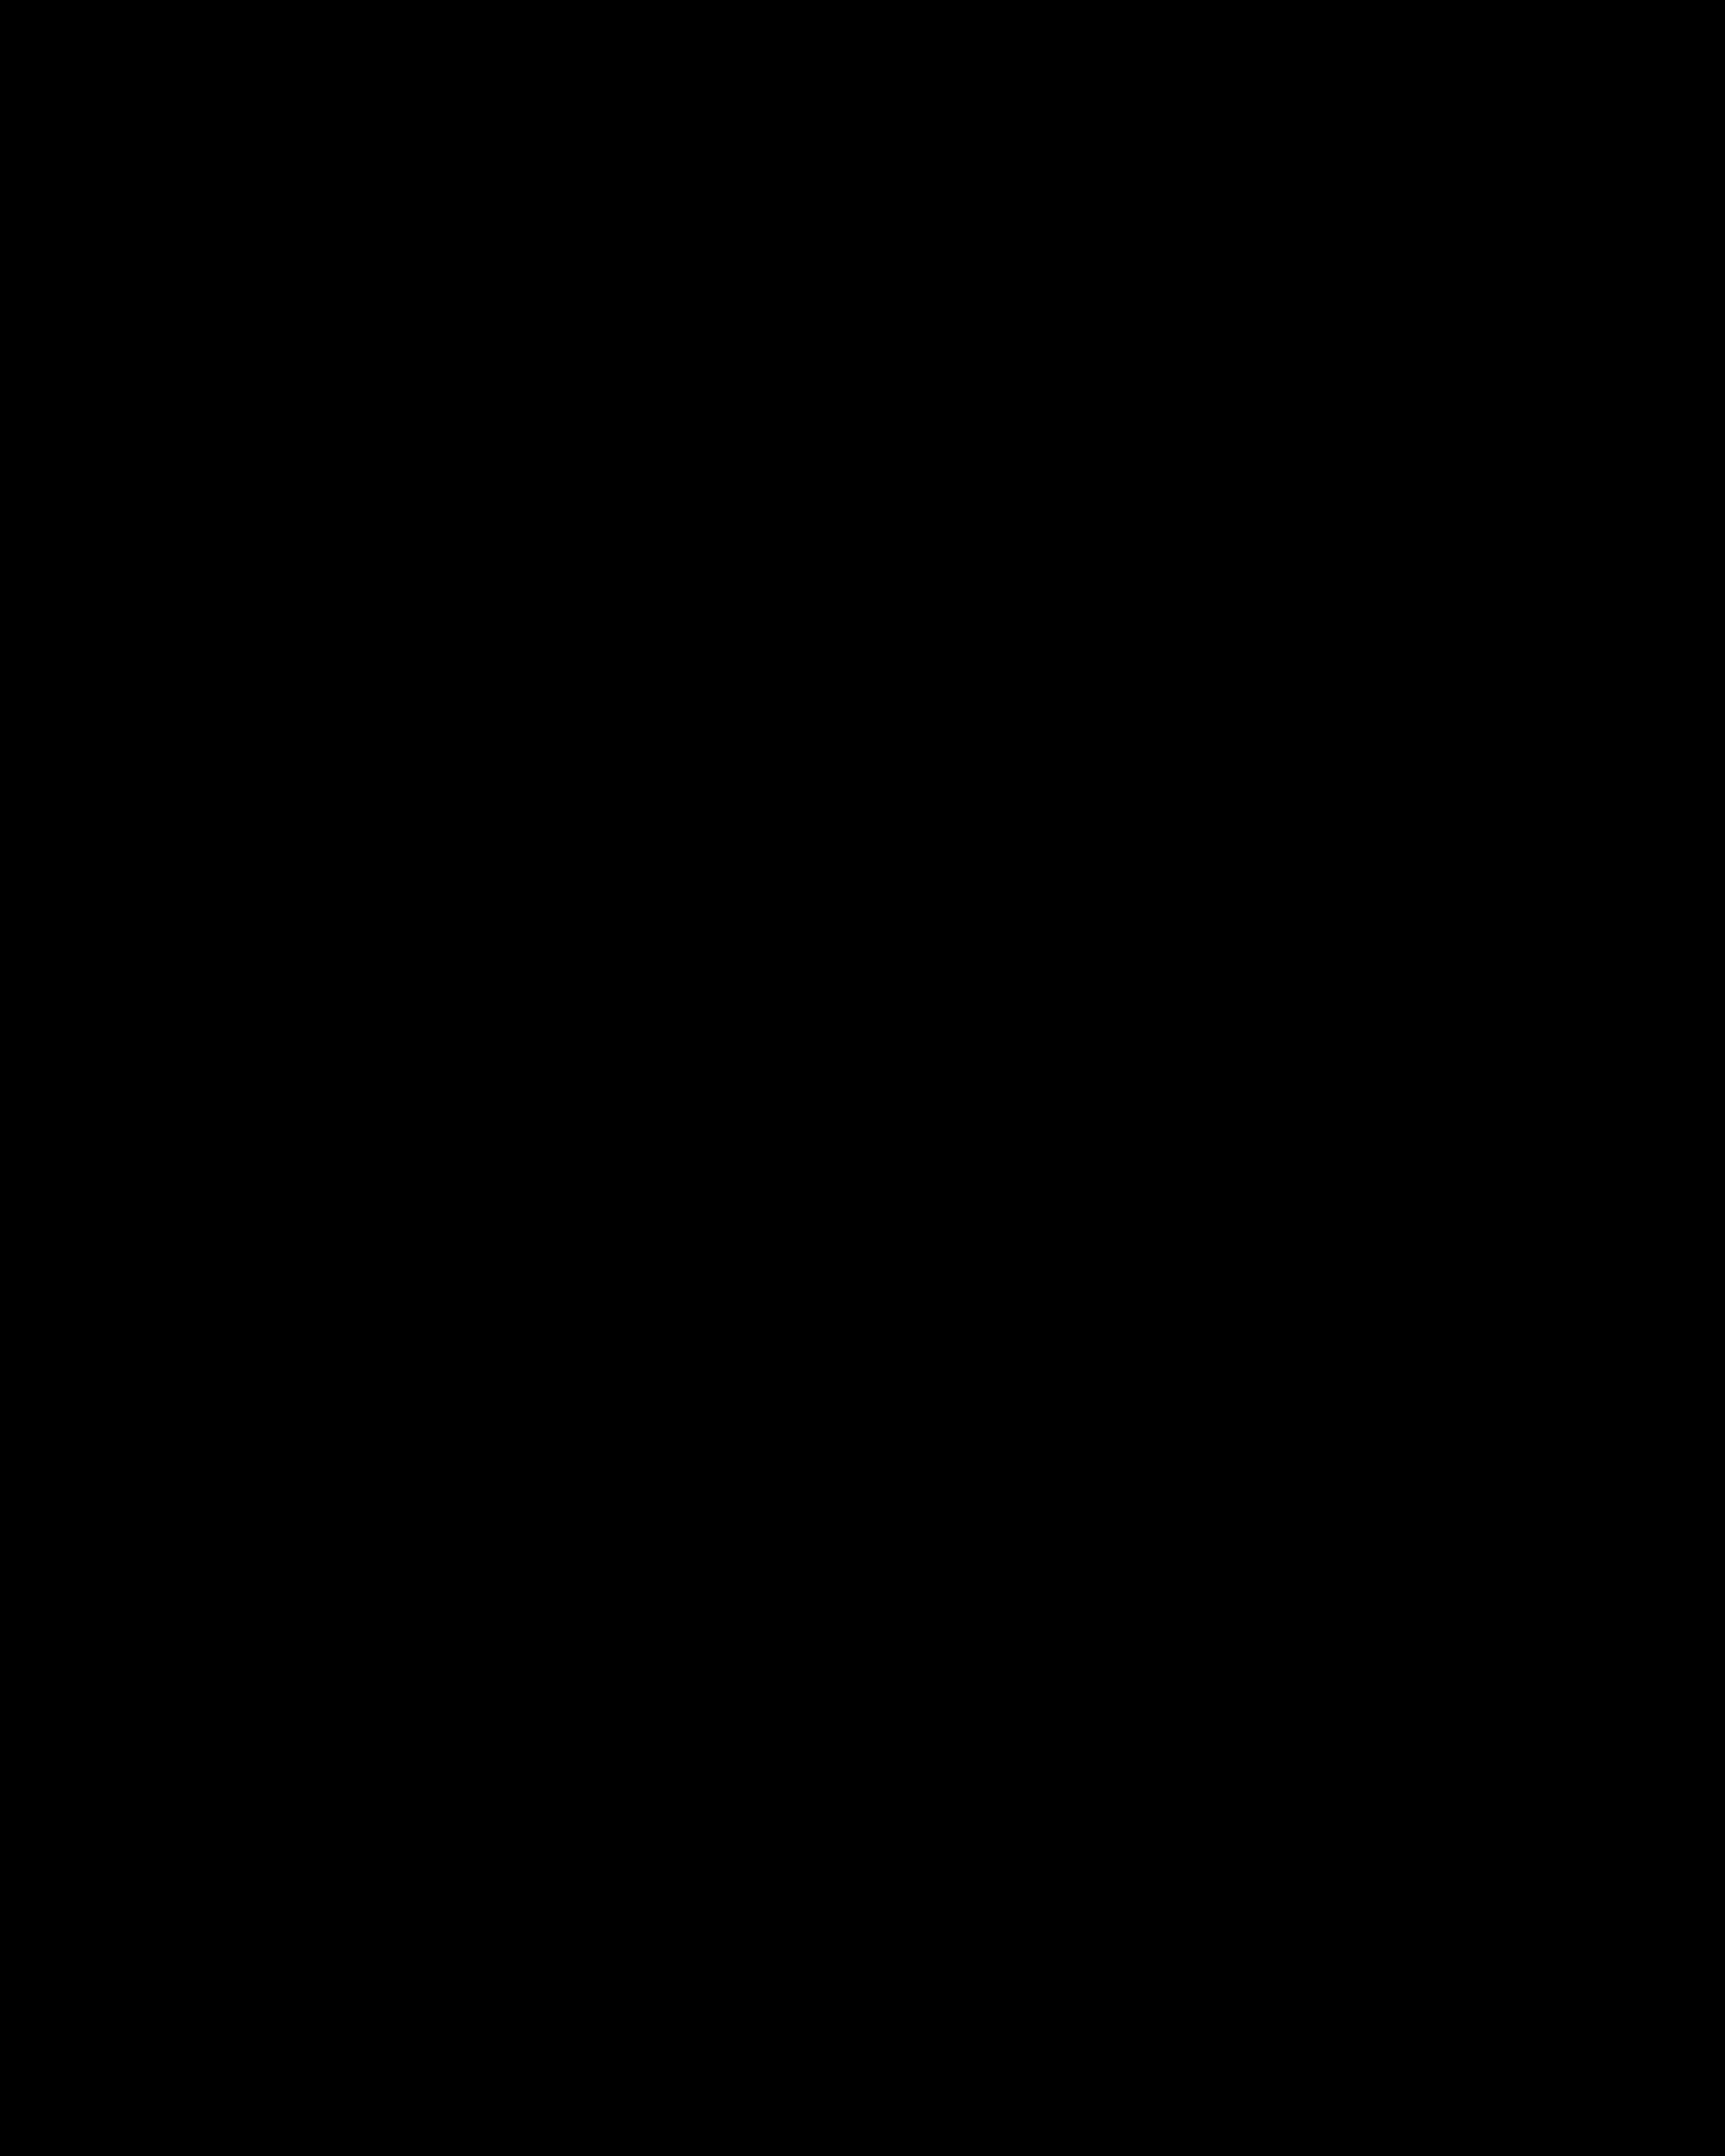 Festi'Val fait son Tour du monde – Vive la France !